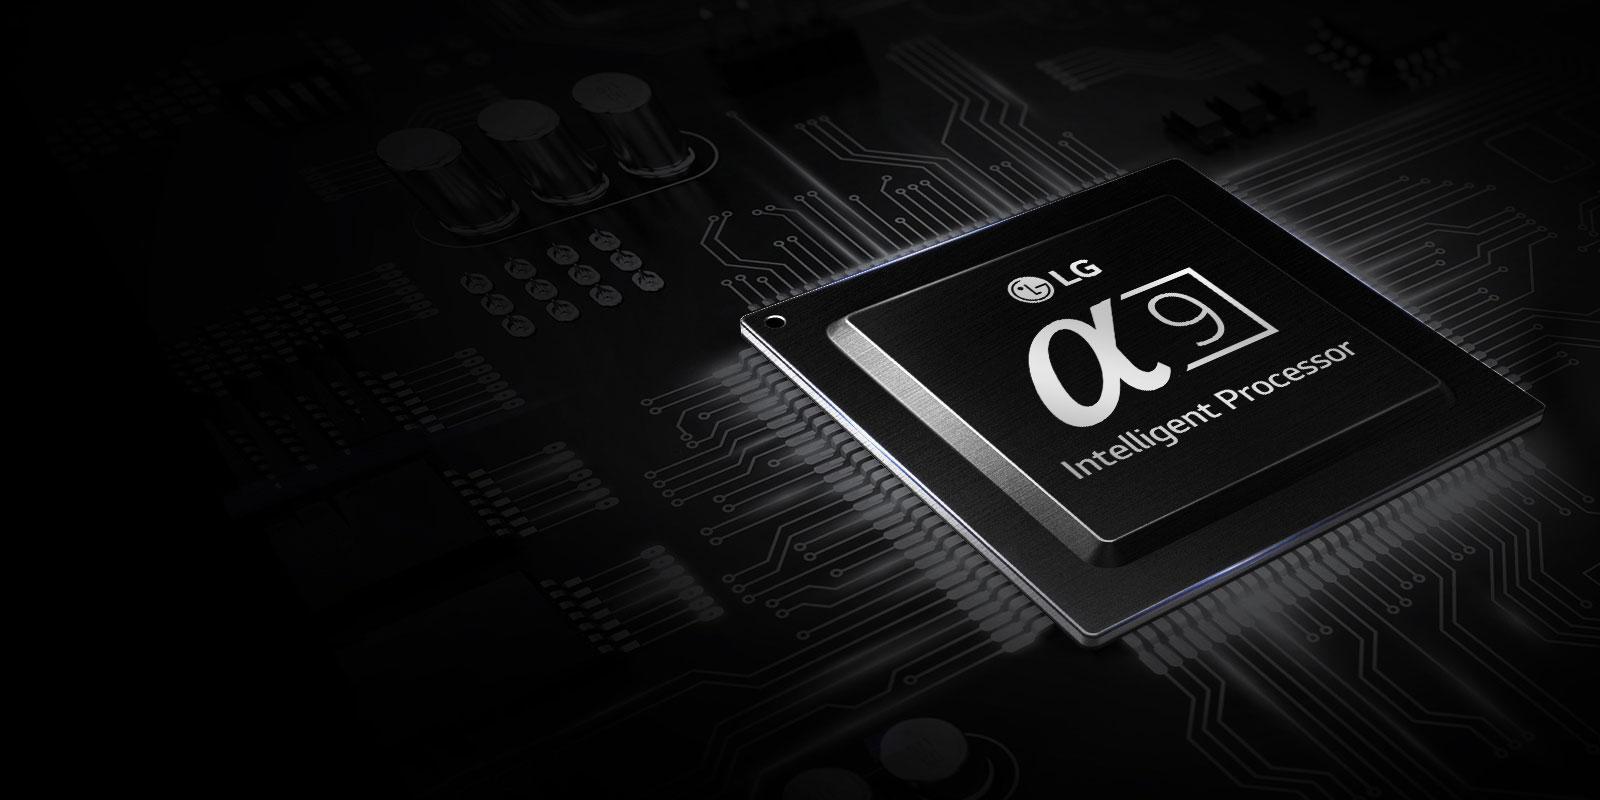 e6b4934d0ff LG 65C8 Ecran UHD OLED 165 cm - Hi-Fi